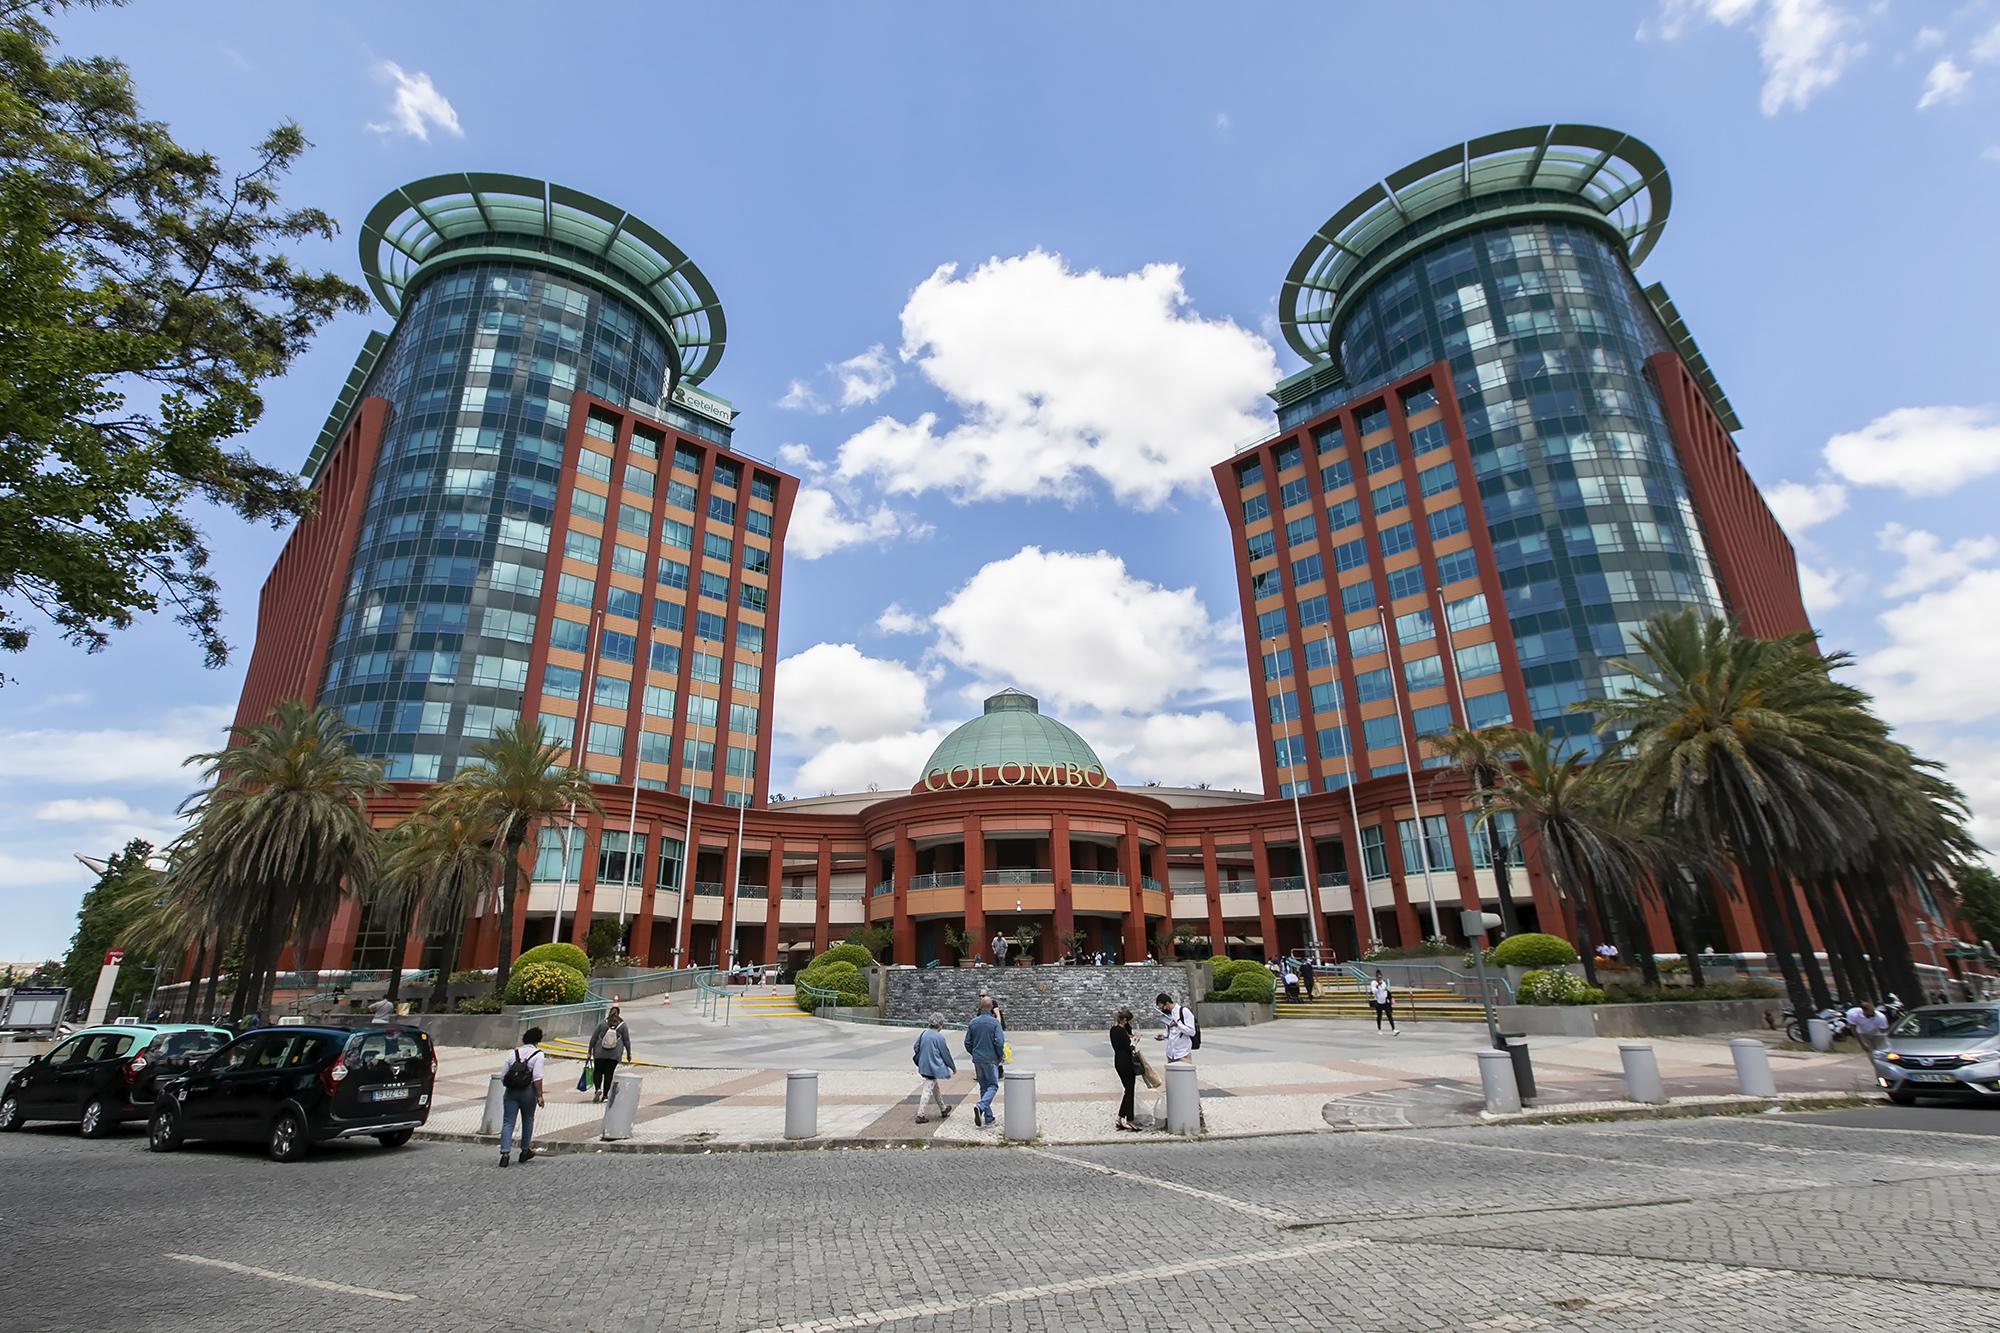 Centro Comercial Colombo reabre ao público - 15JUN20